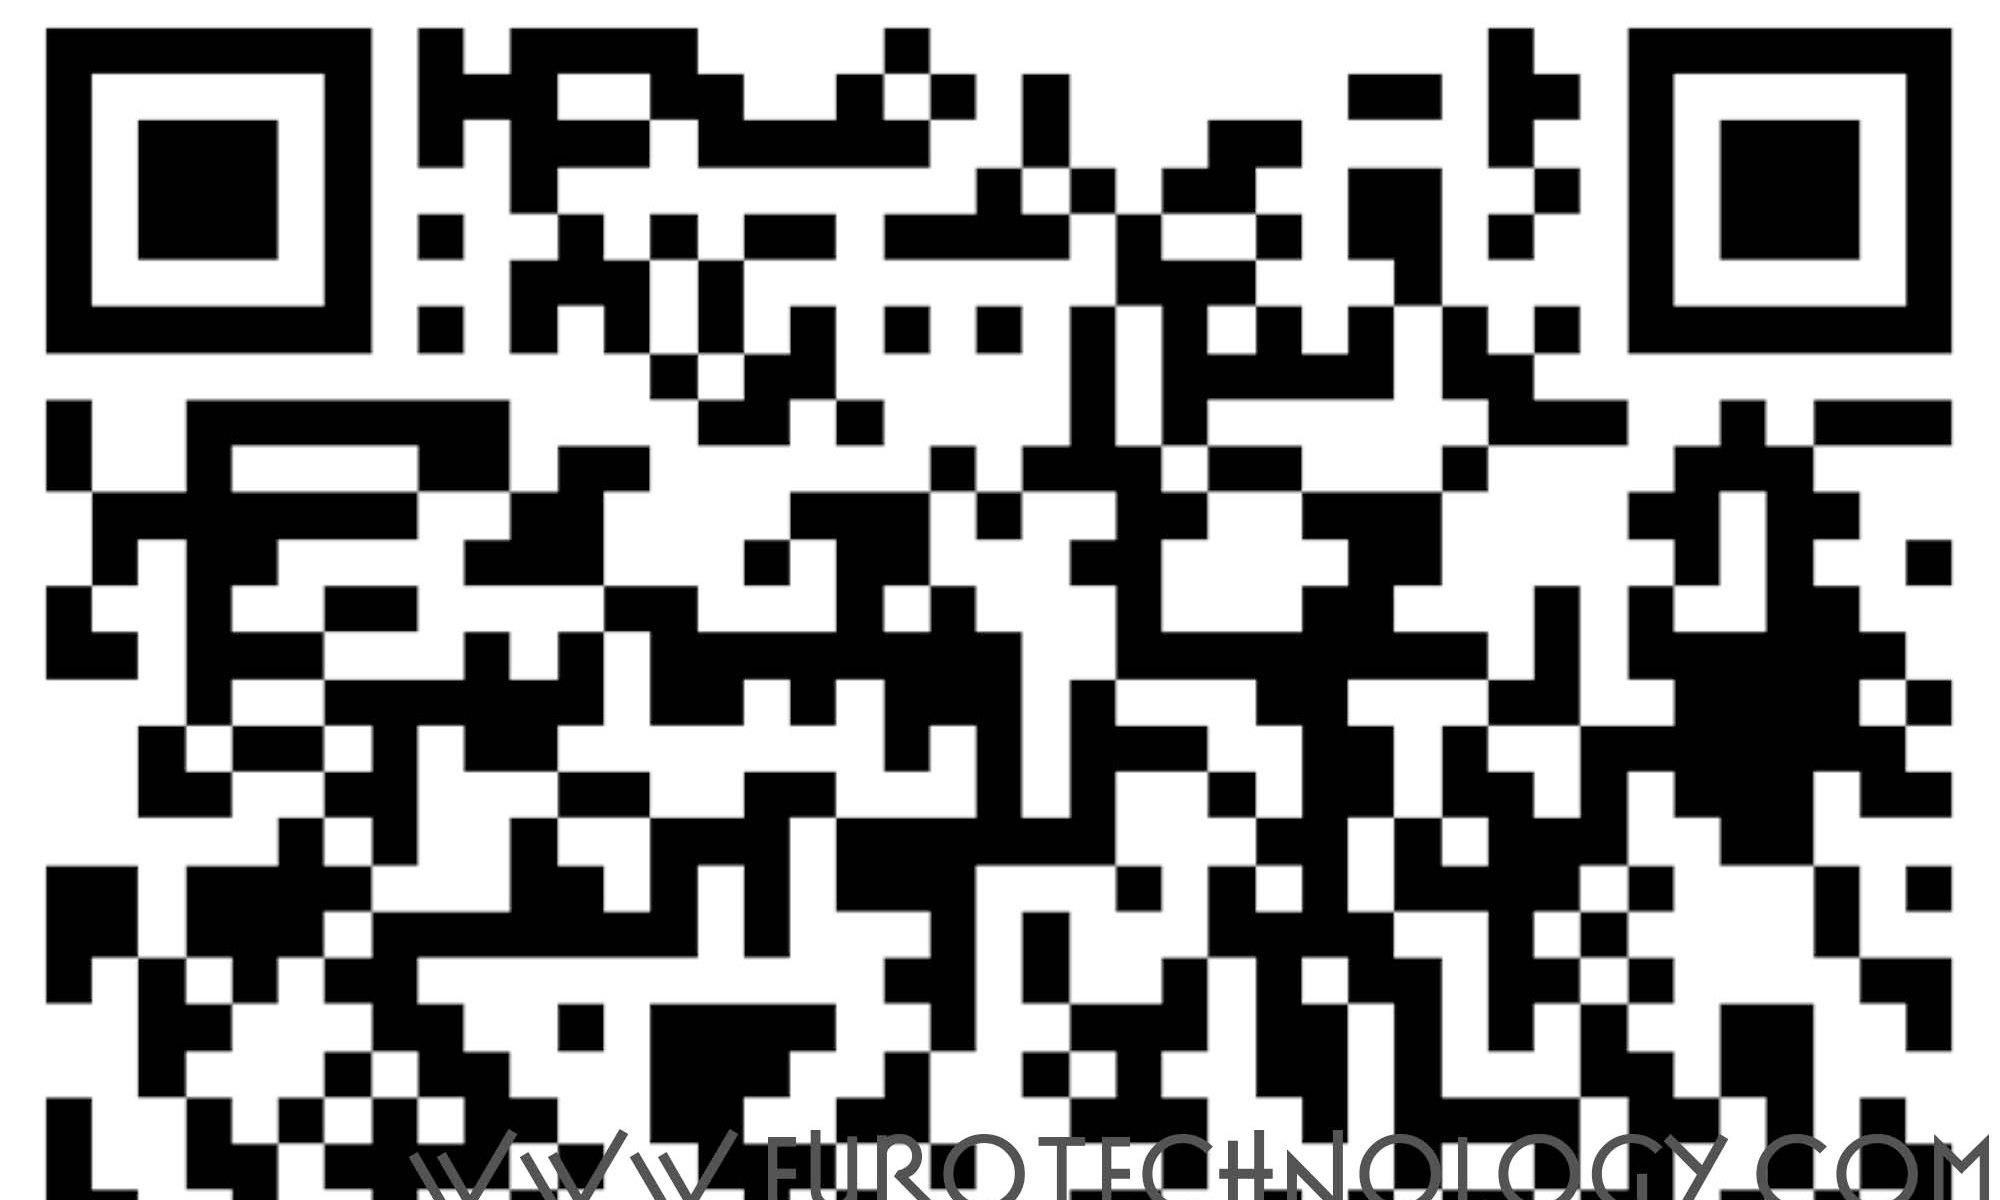 QR code applications report